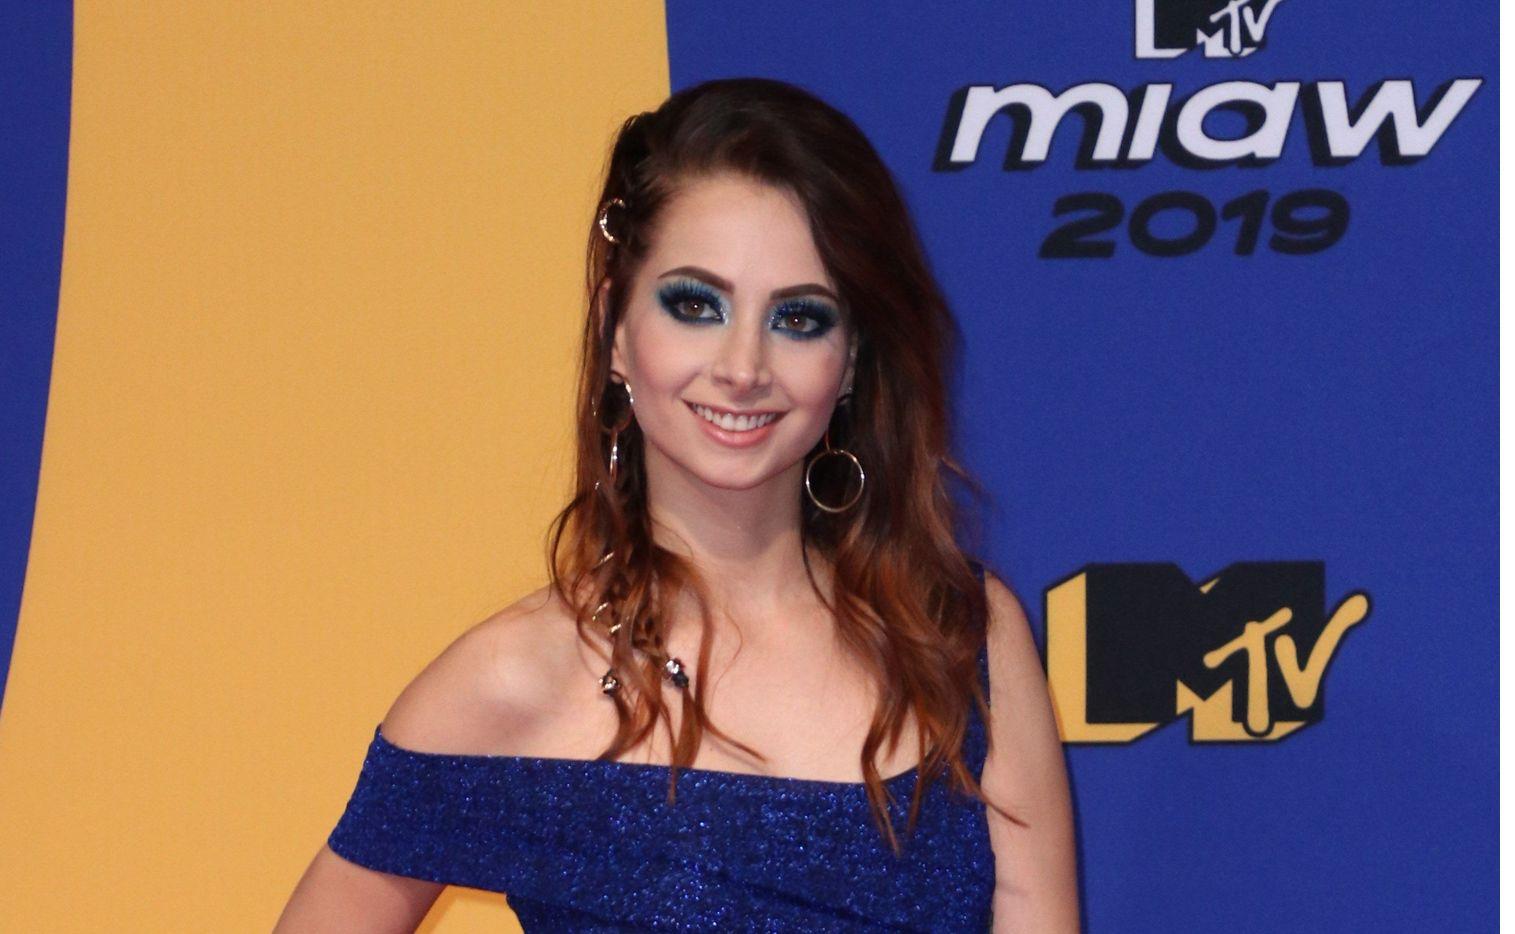 La youtuber Yosseline H, mejor conocida como YosStop, fue denunciada por el delito de pornografía infantil ante la Fiscalía General de Justicia de la Ciudad de México.